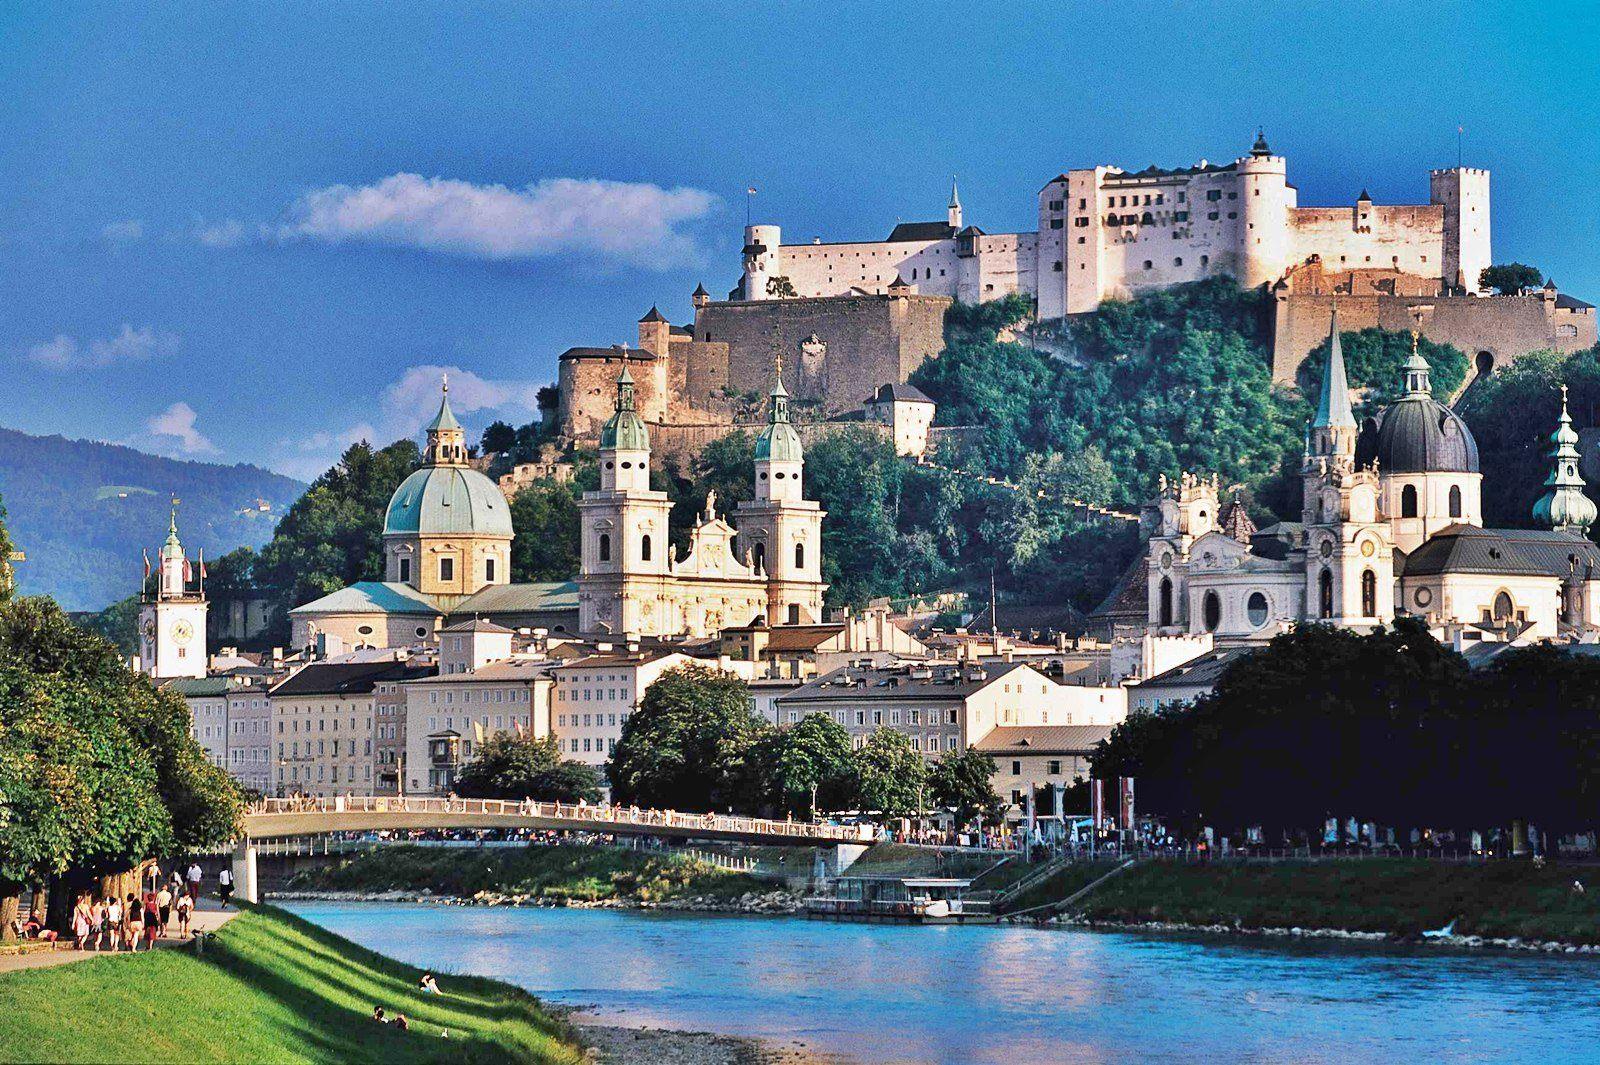 Зальцбург, родина великого Моцарта, славится многими архитектурными шедеврами